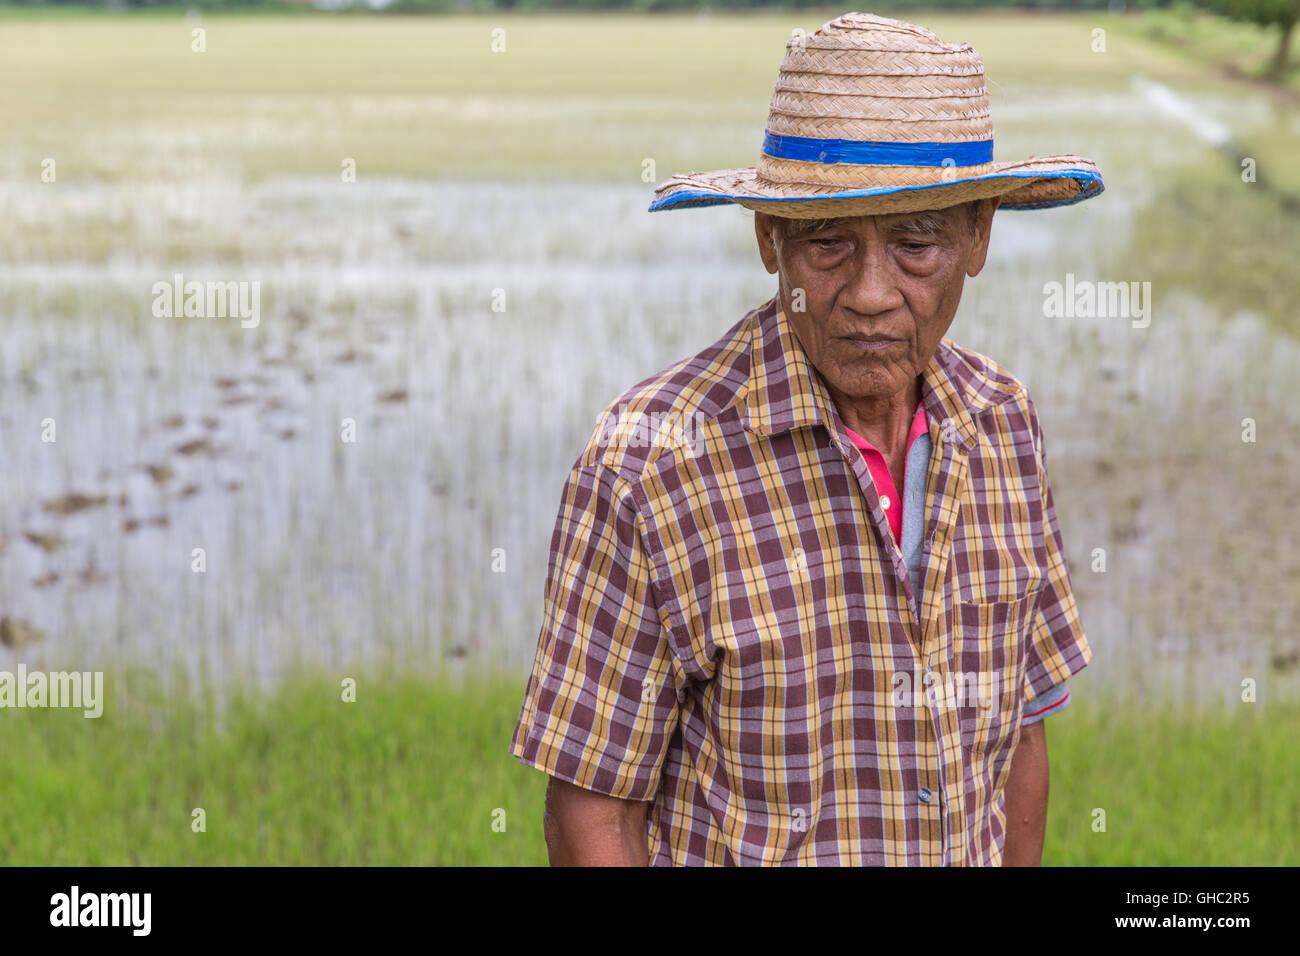 Anziani riso tailandese agricoltore indossando un cappello e guardando verso il basso con un risone in background Immagini Stock